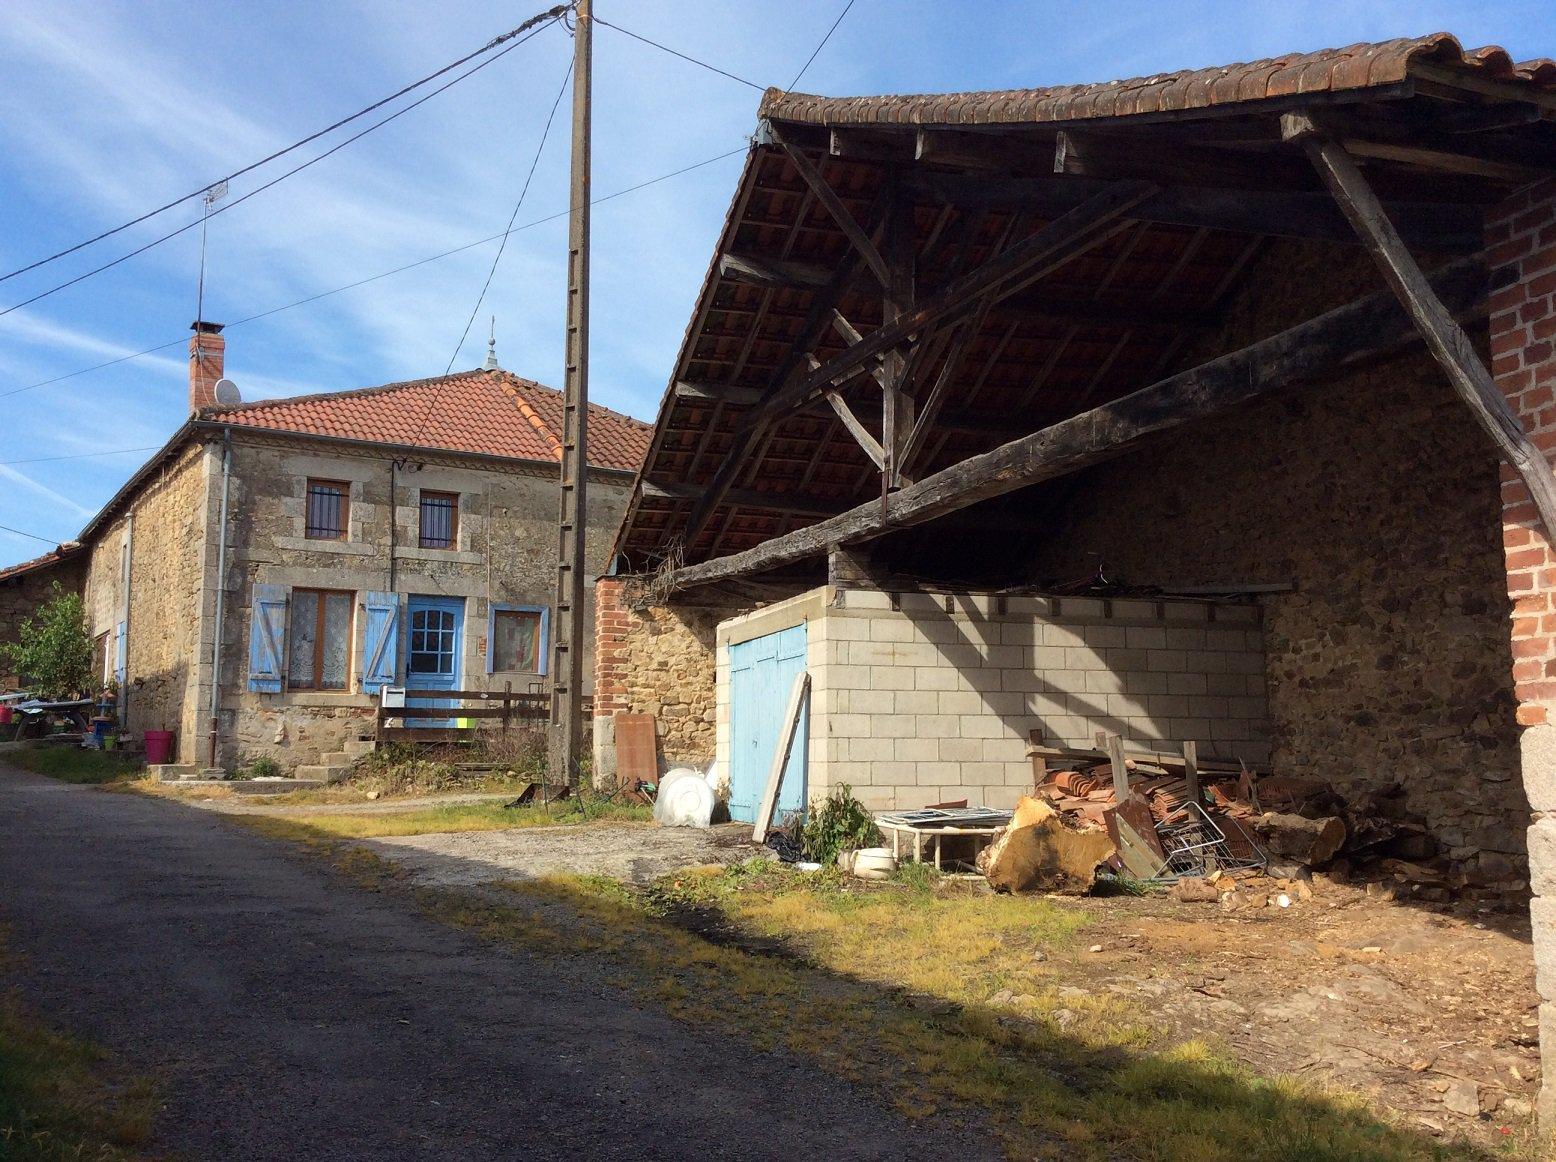 corps de ferme, deux maisons, granges et terrains